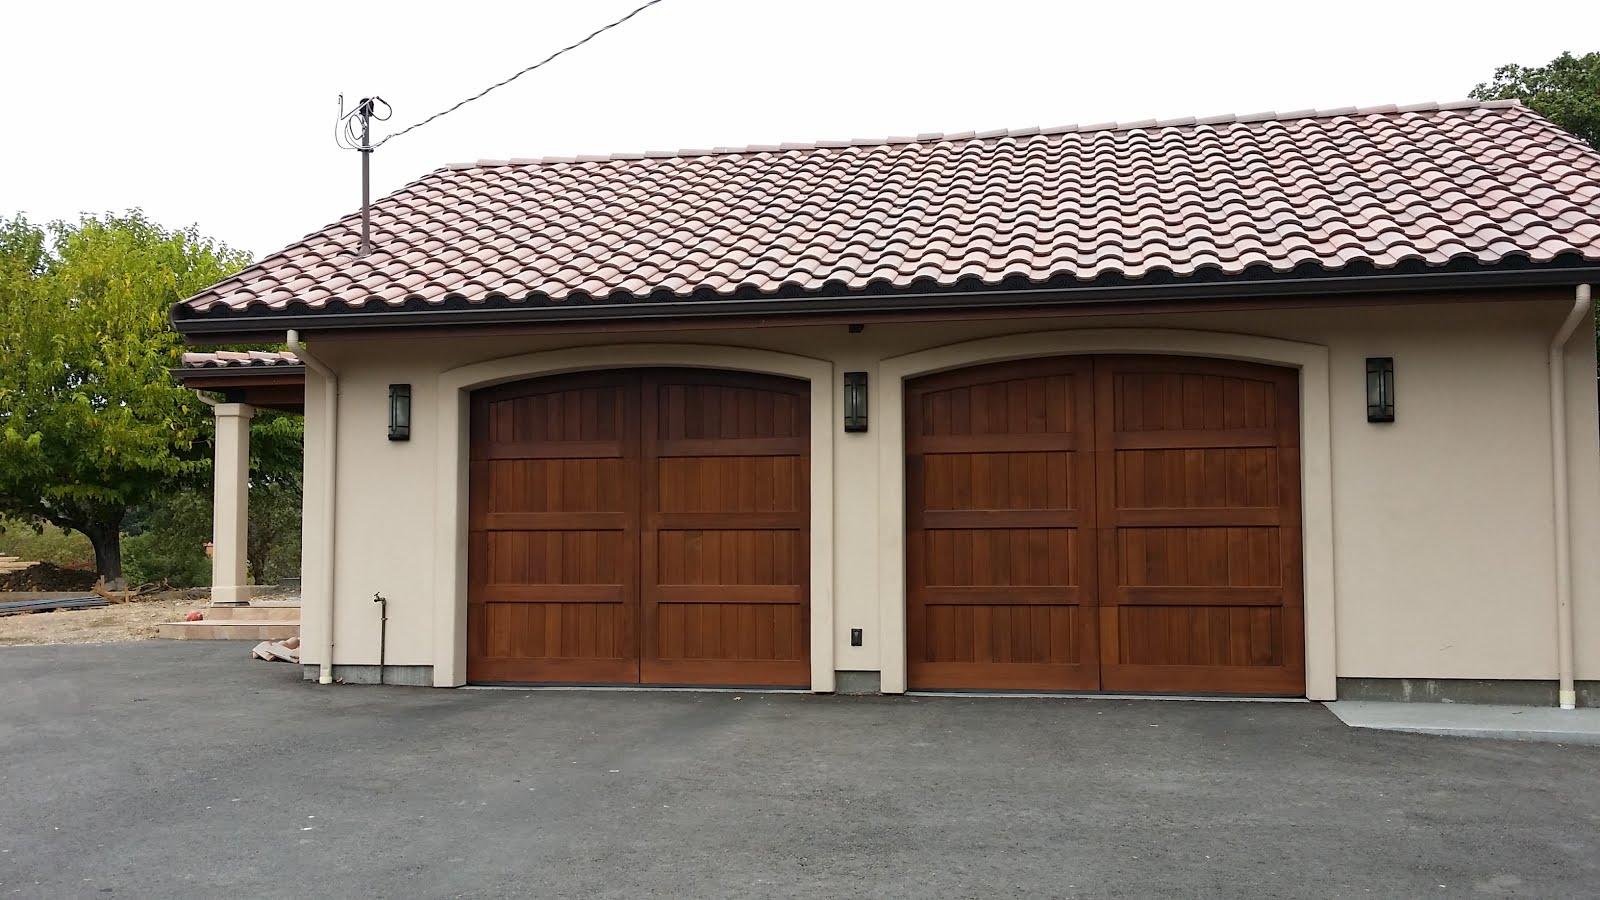 nc company overheadaleigh overhead door and hanson com garage doors raleigh springer service